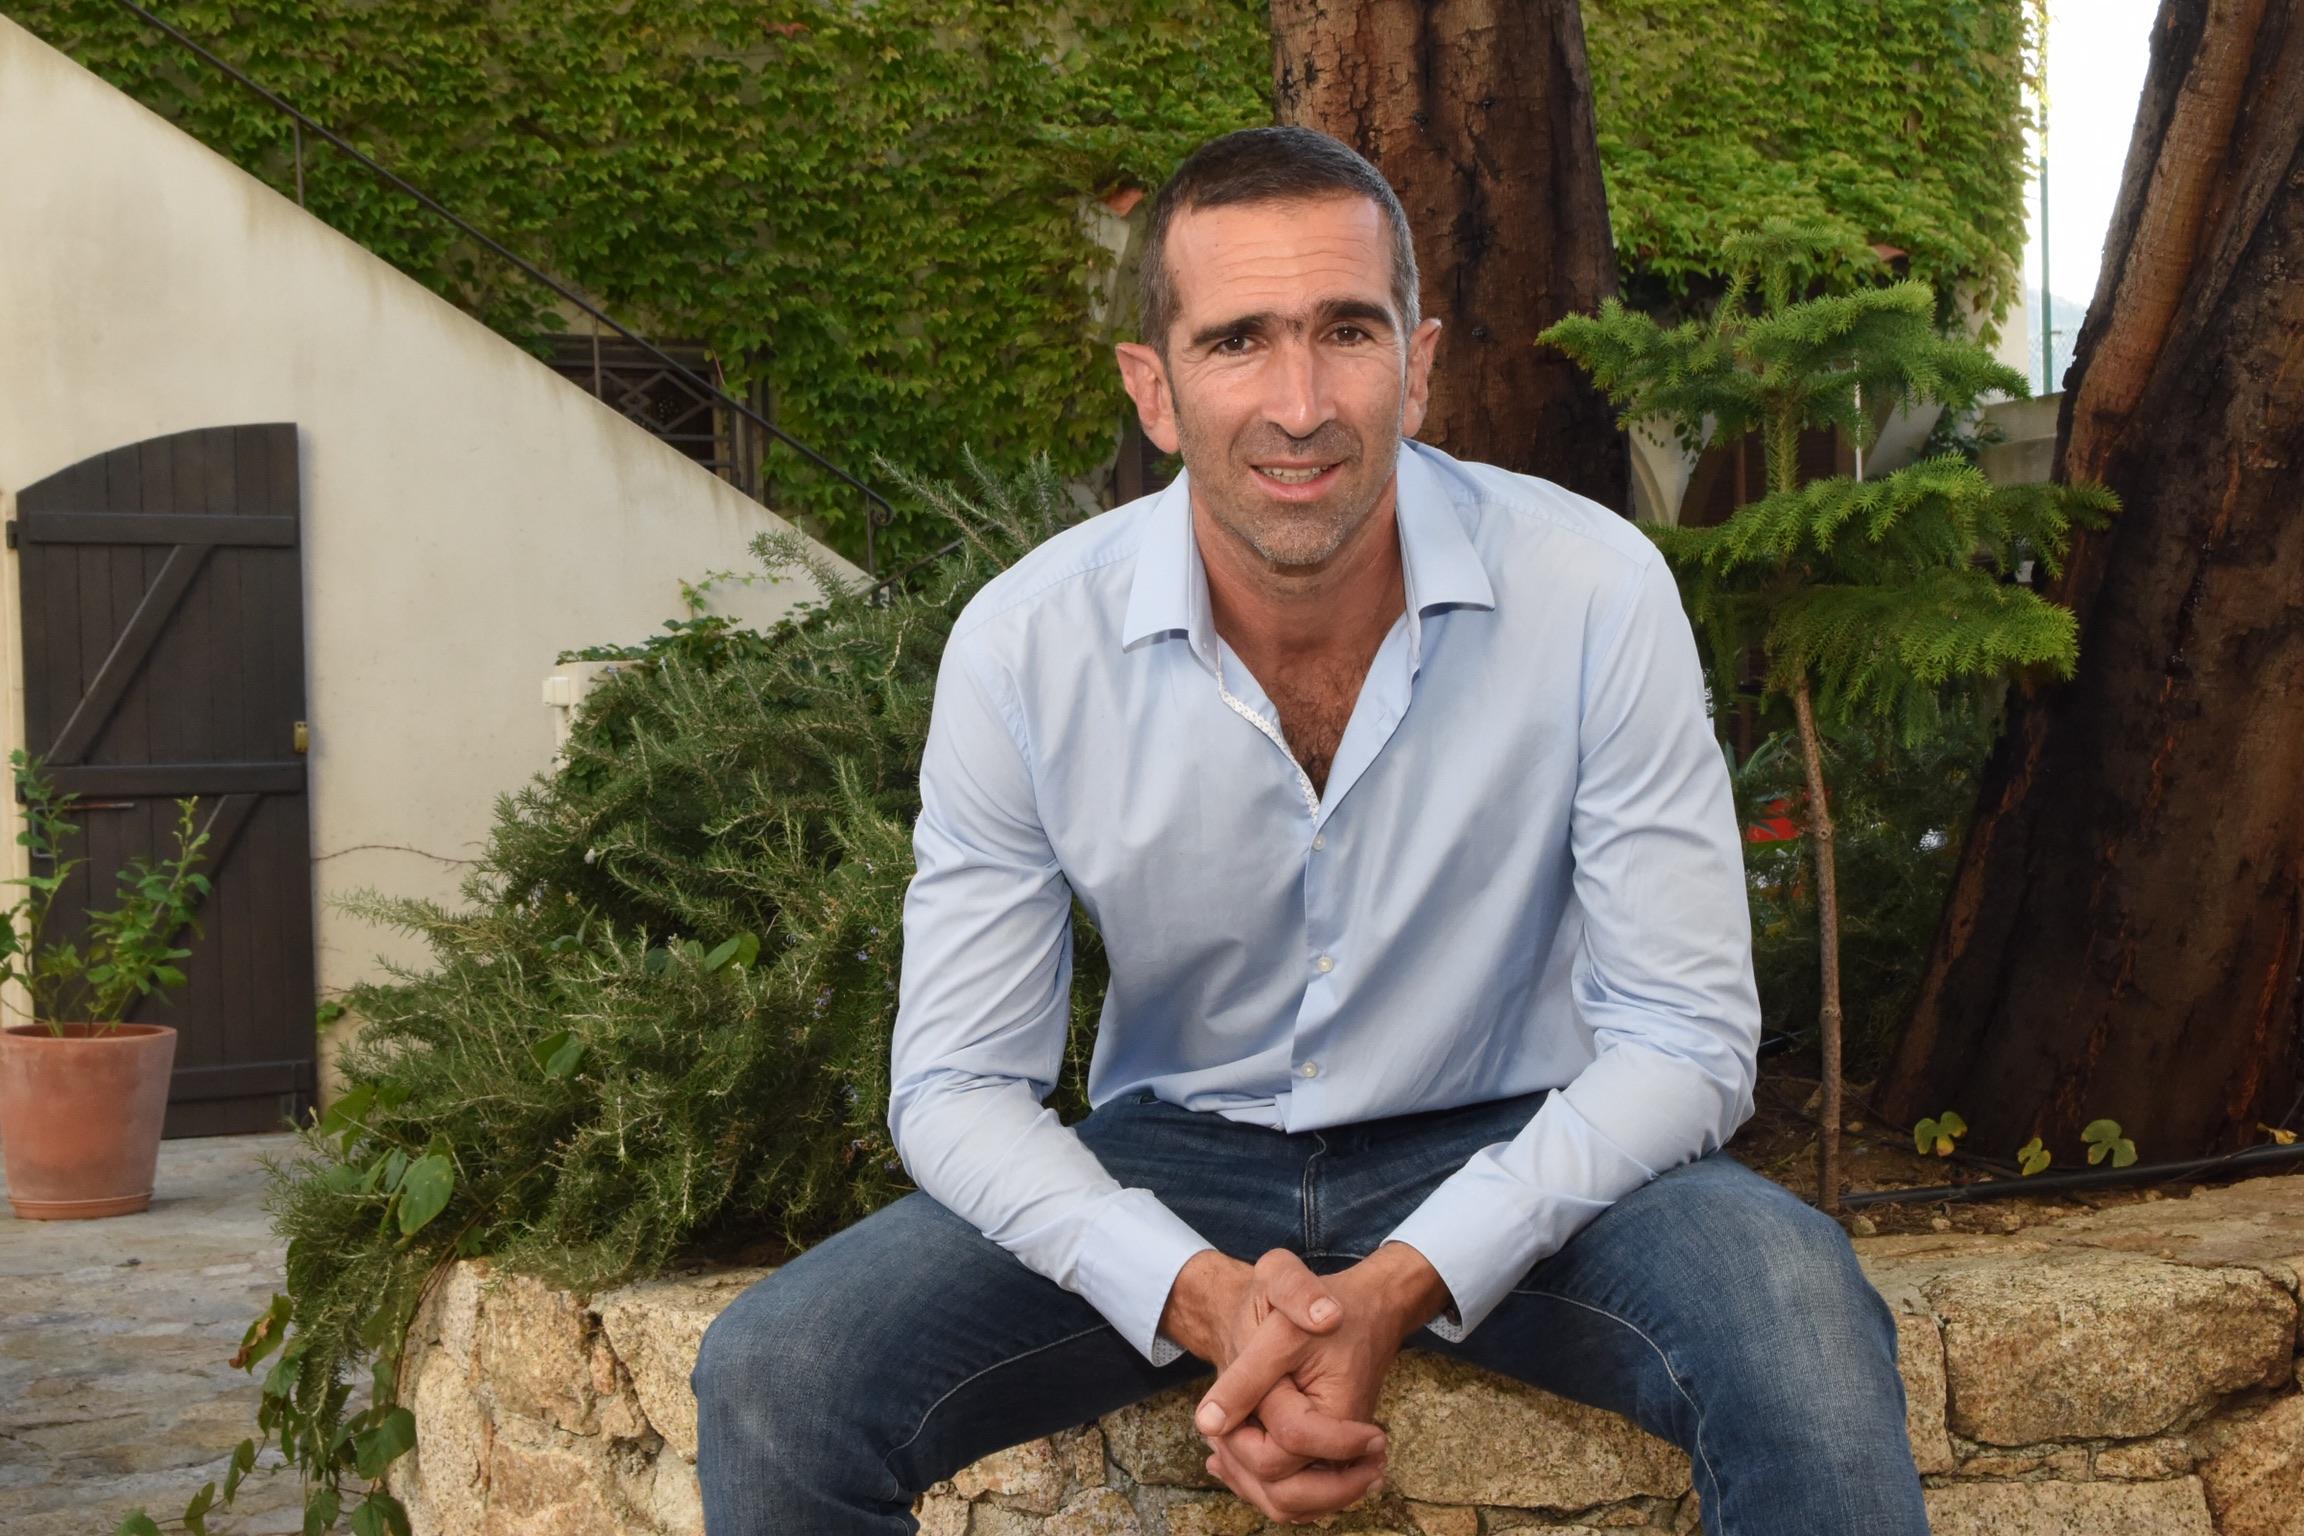 Candidat aux municipales 2020, Jérôme Sévéon veut redonner vie à Calvi